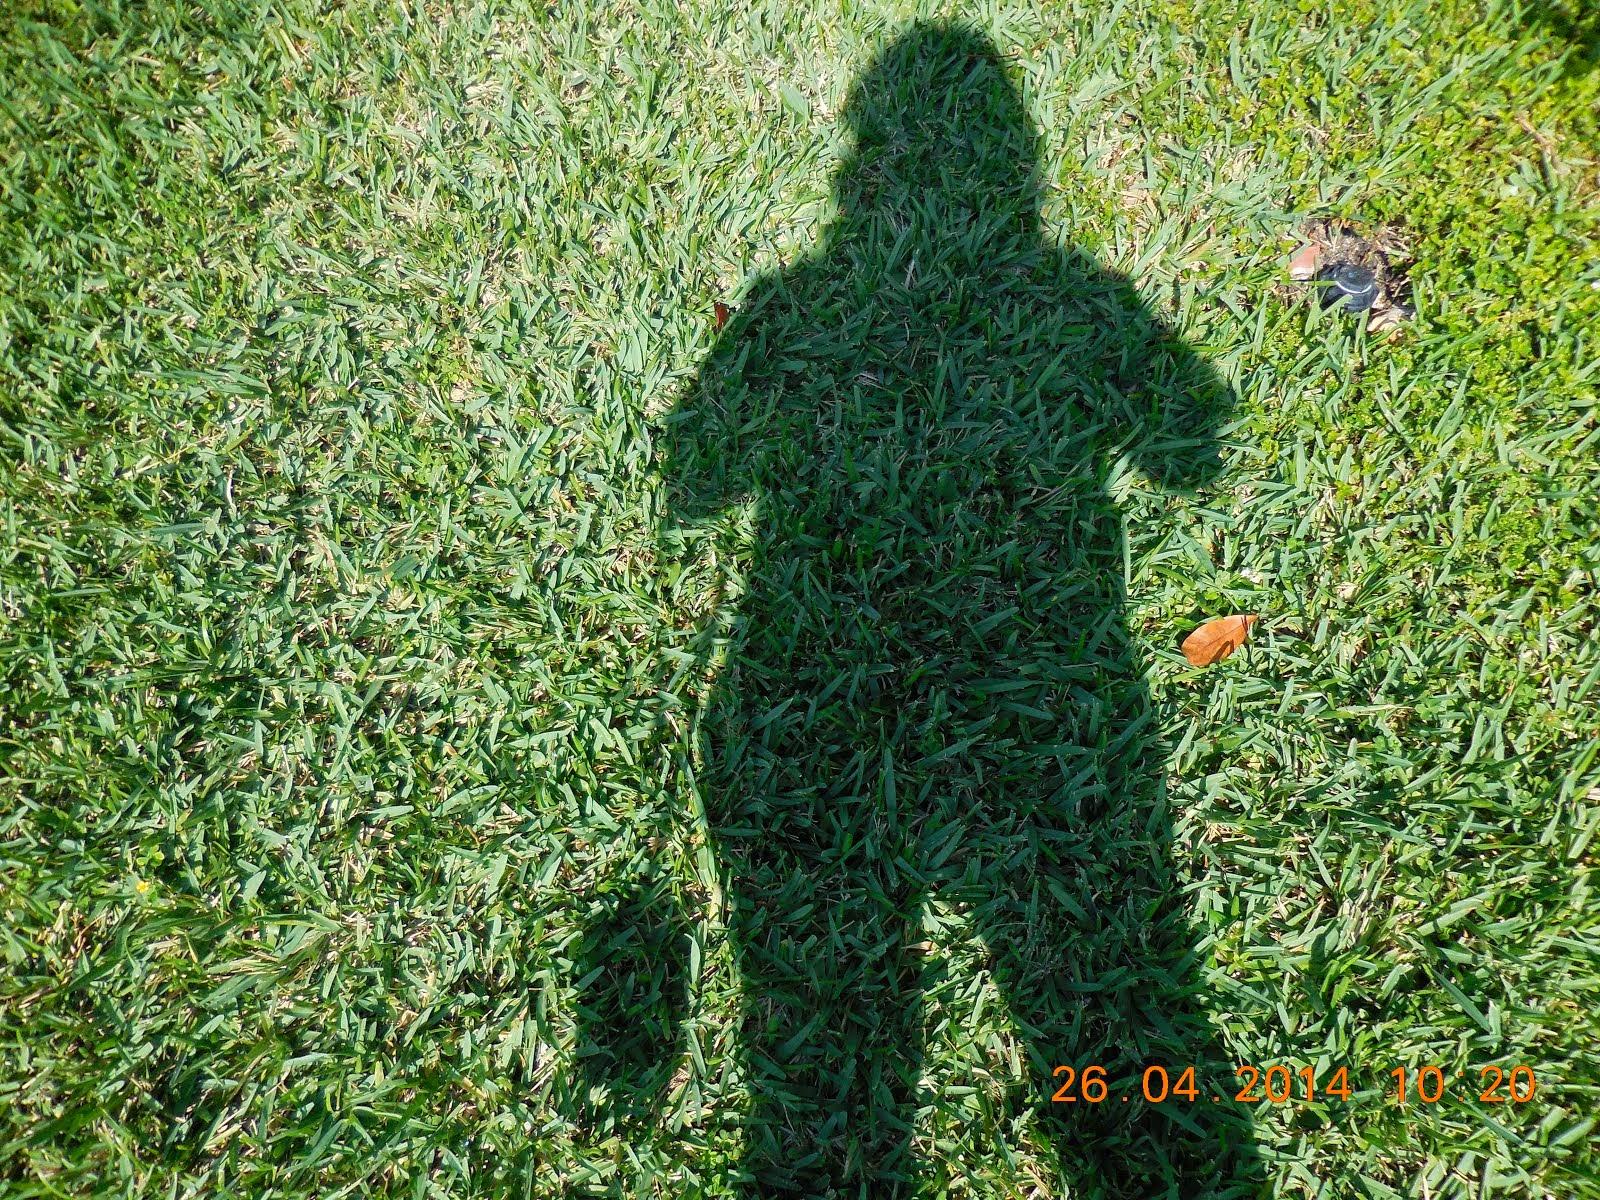 Mi sombra o perfil en el pasto. Soy aficionada a la fotografía.